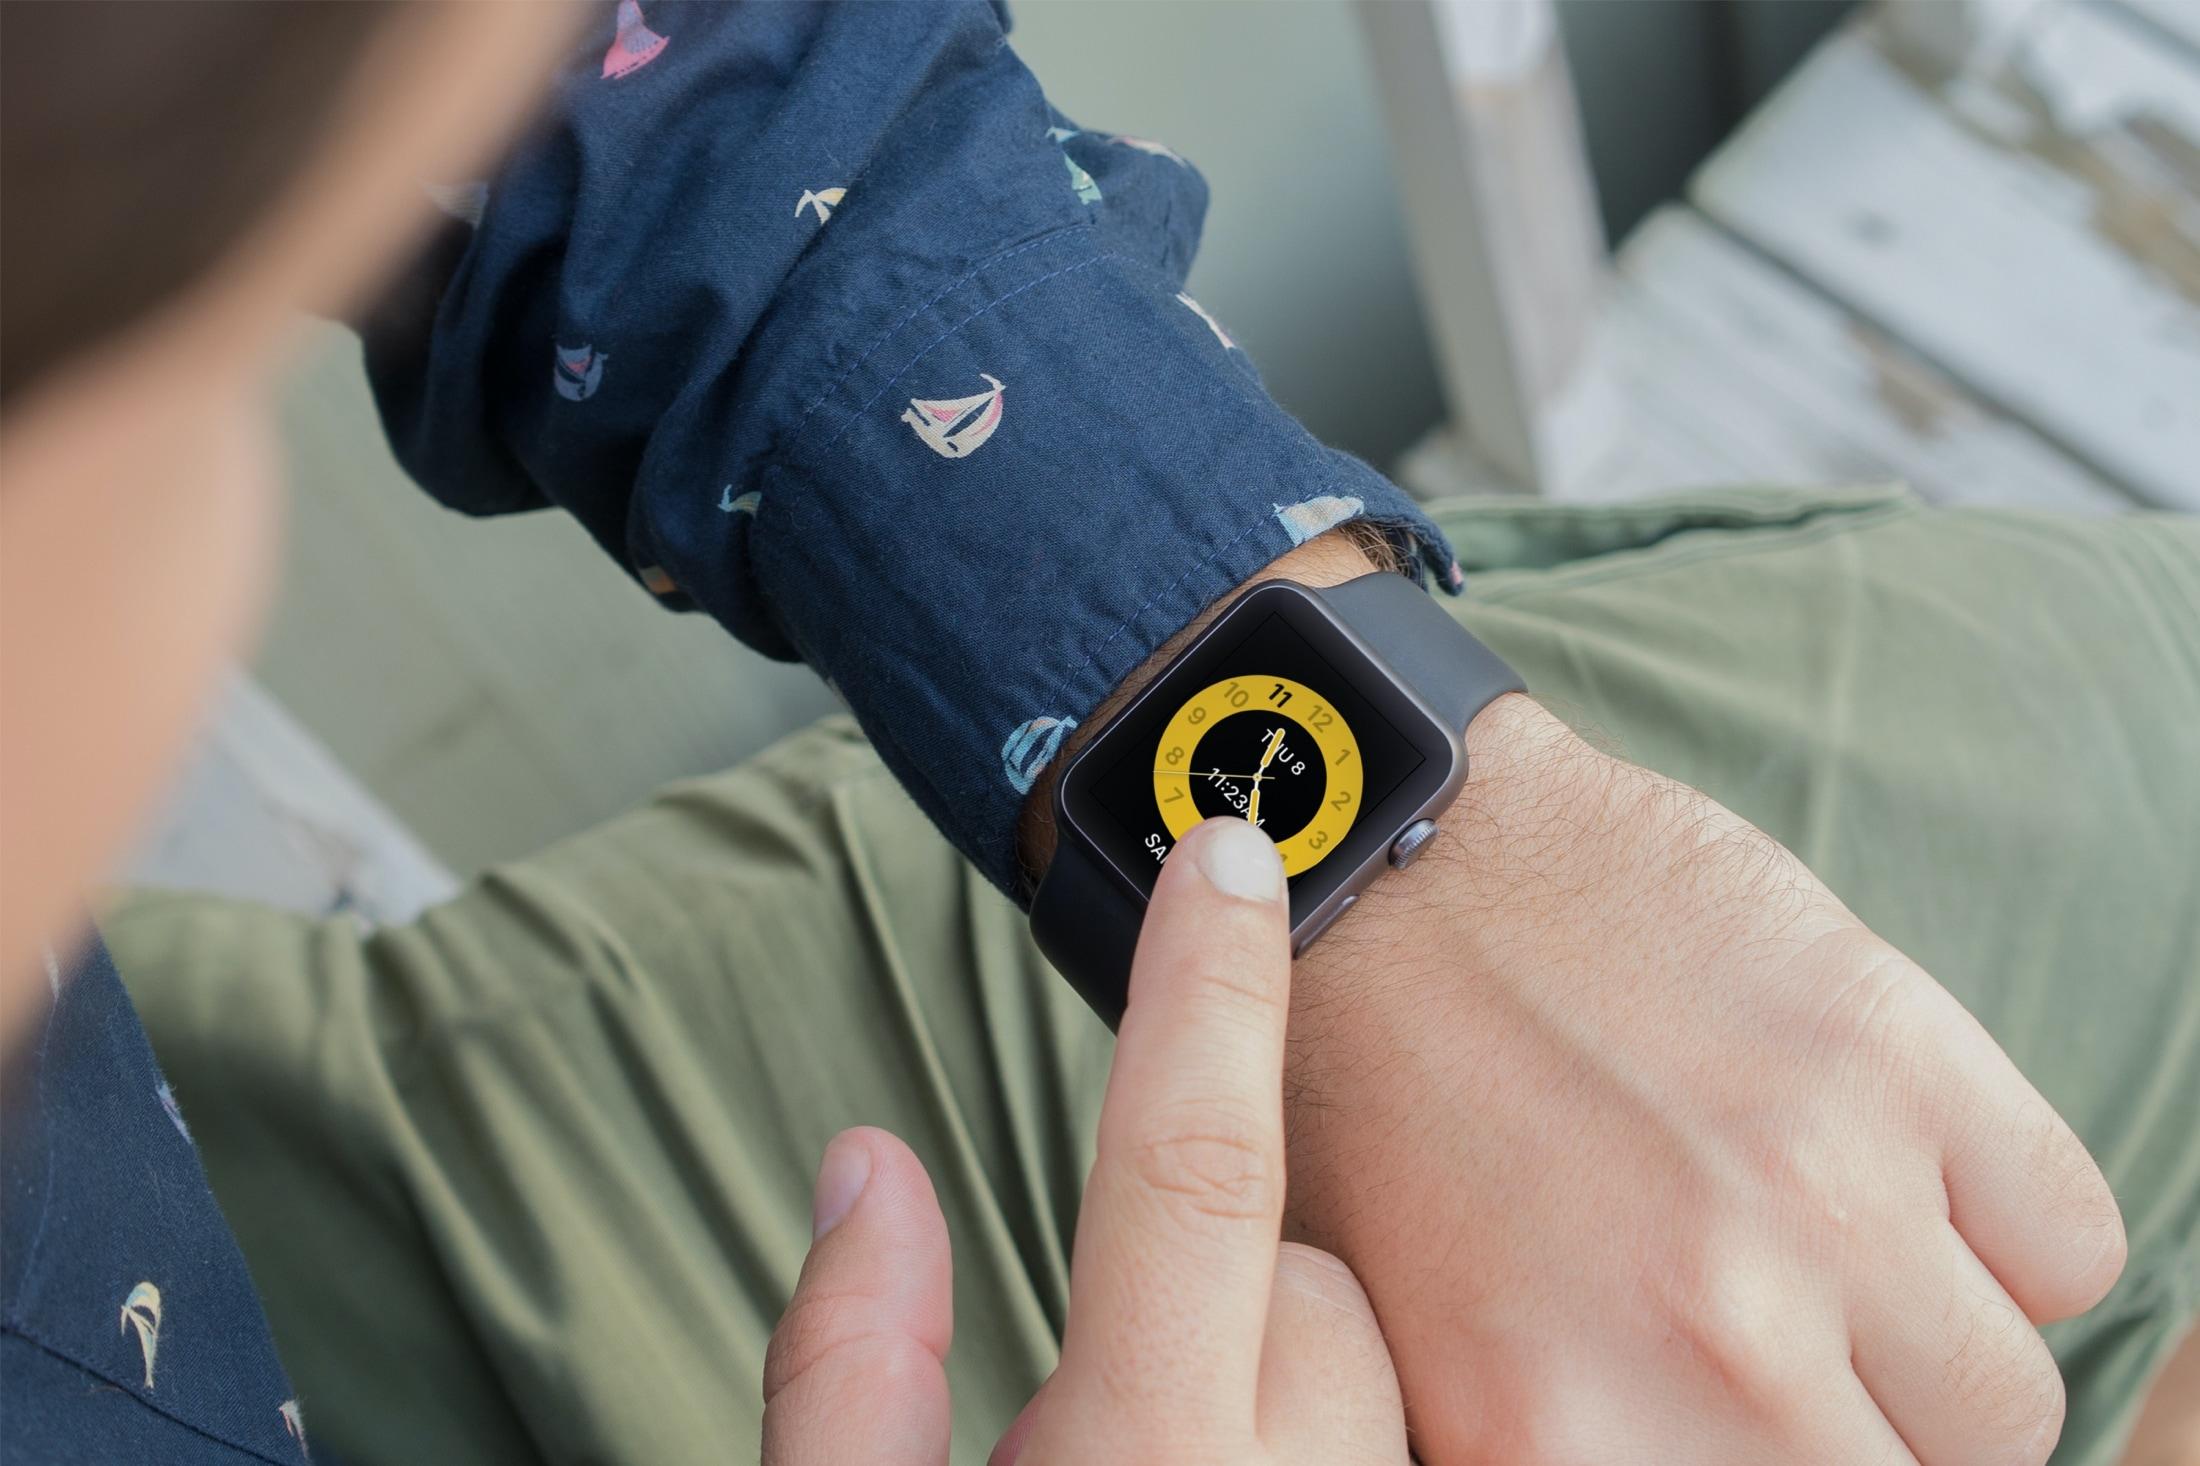 Apple Watch Face activado en horario escolar